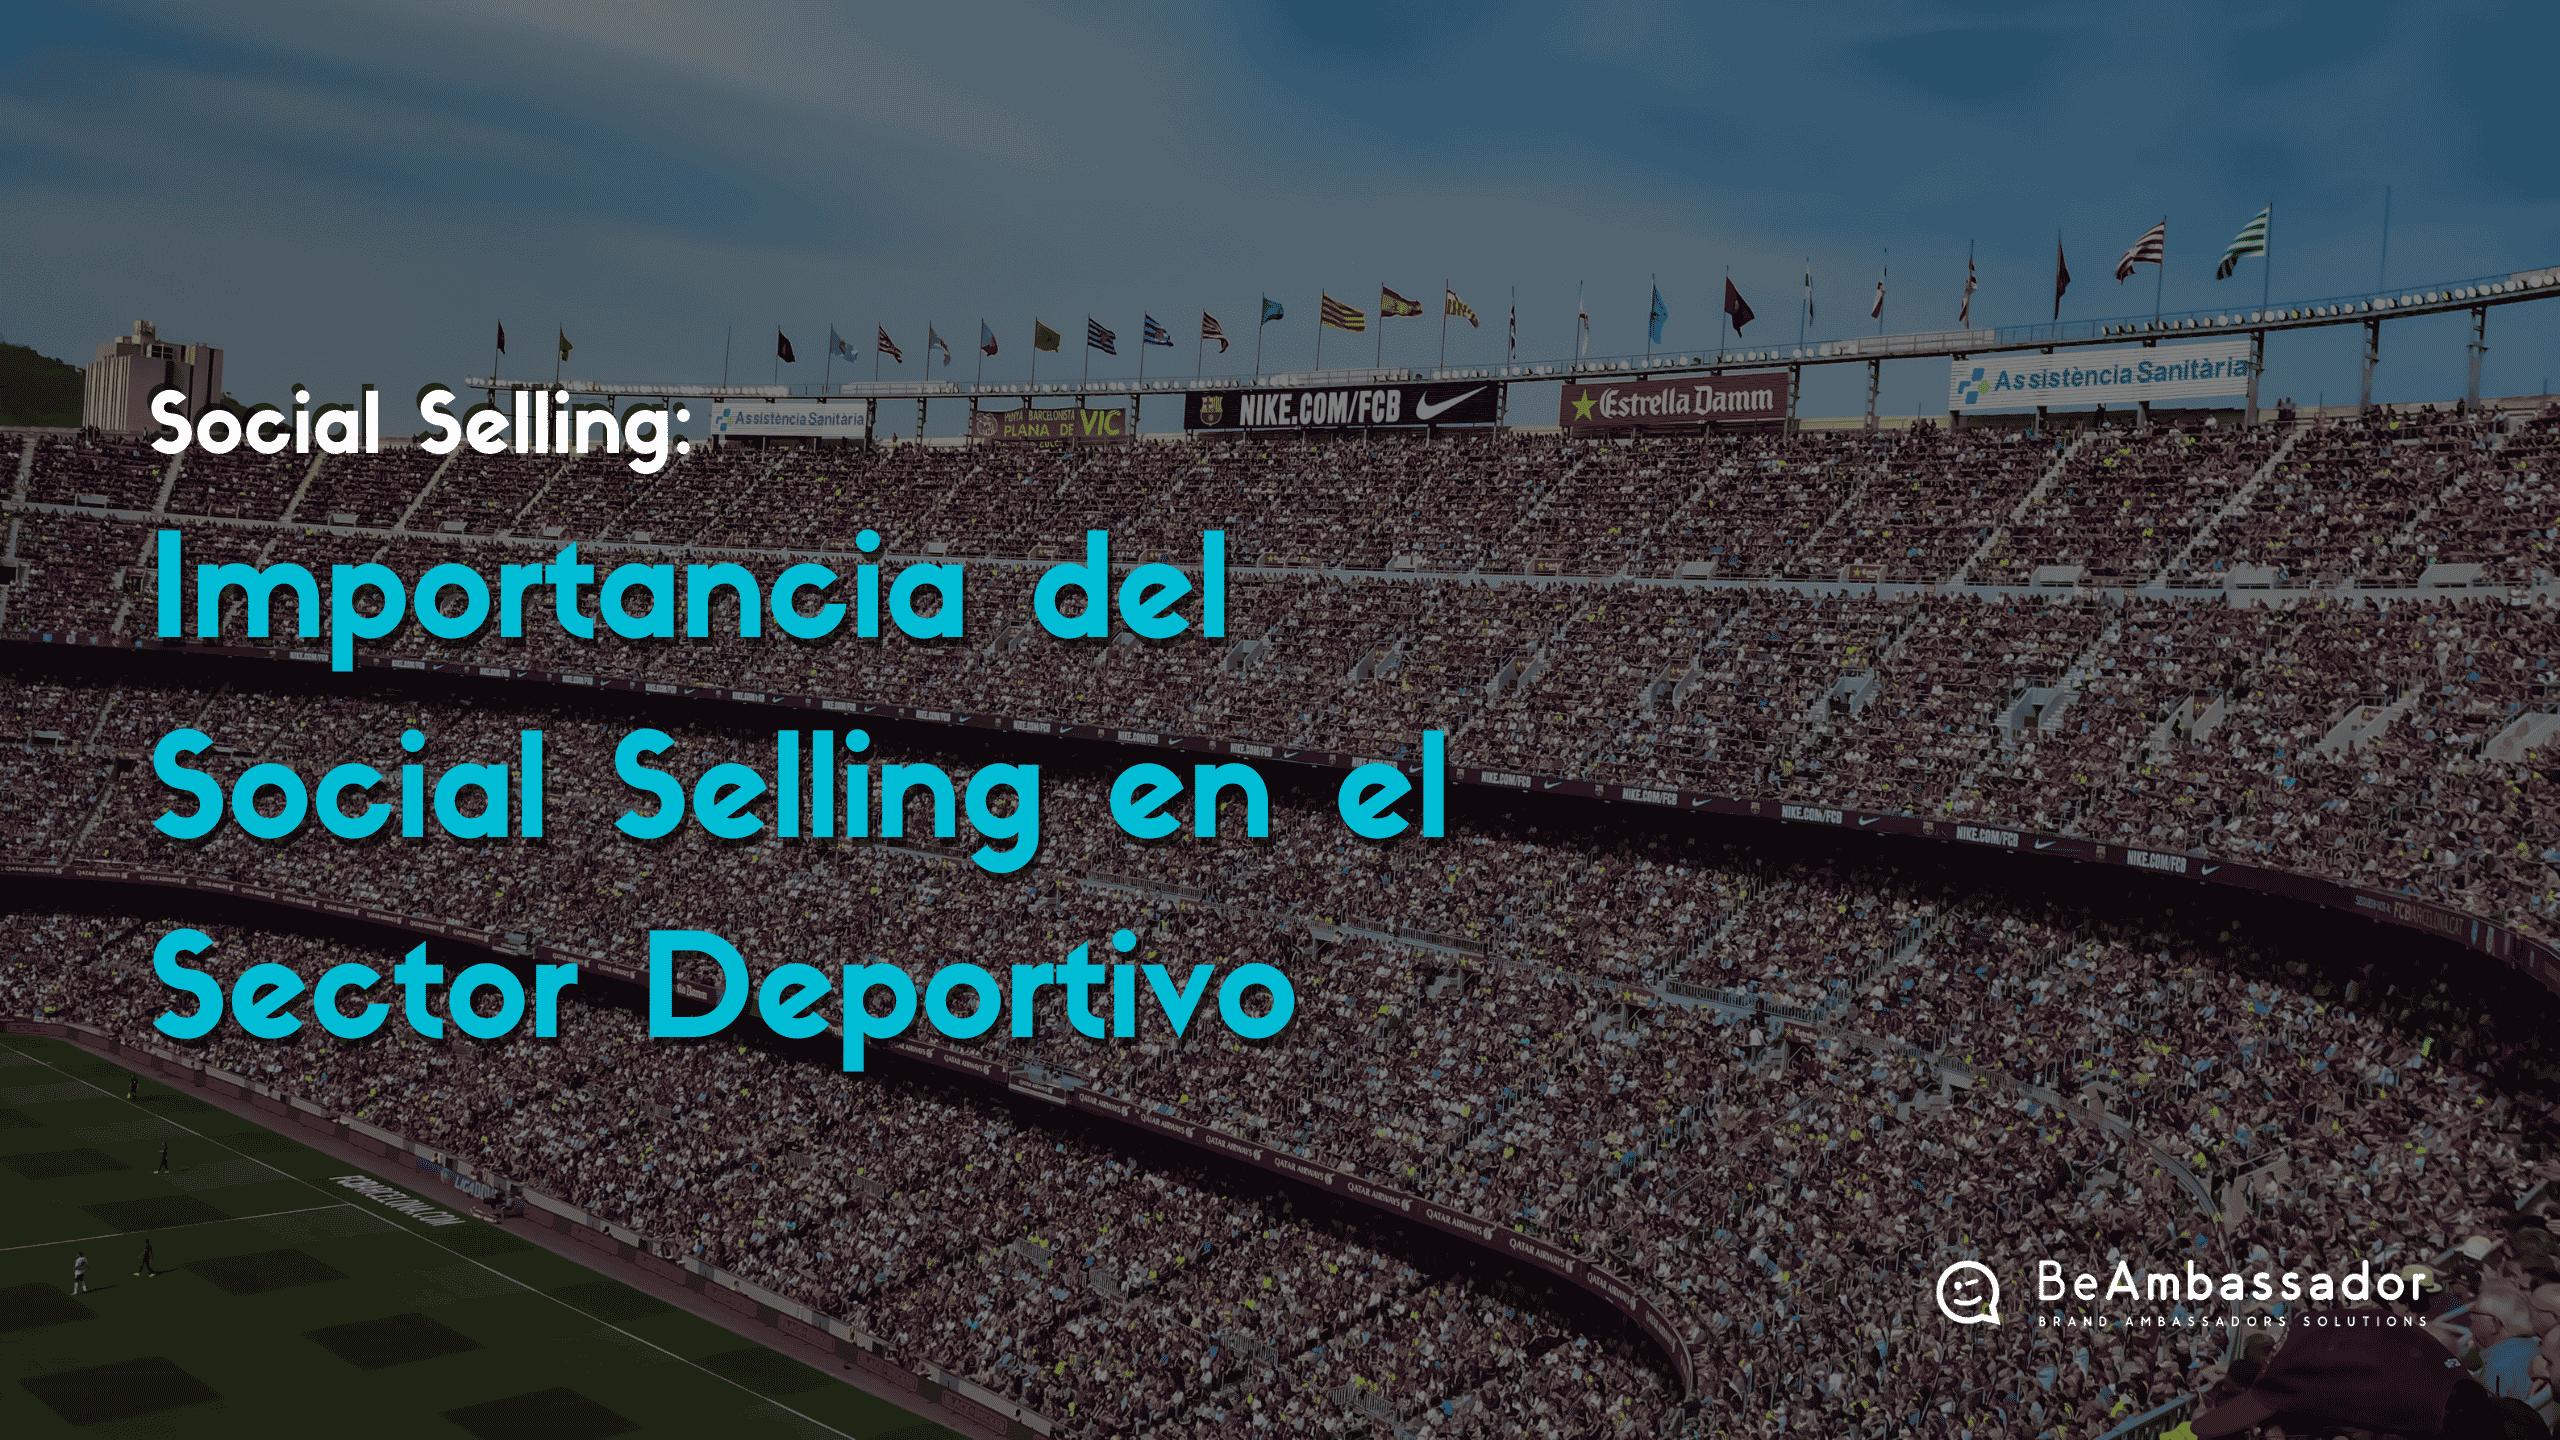 Social Selling en el Sector Deportivo